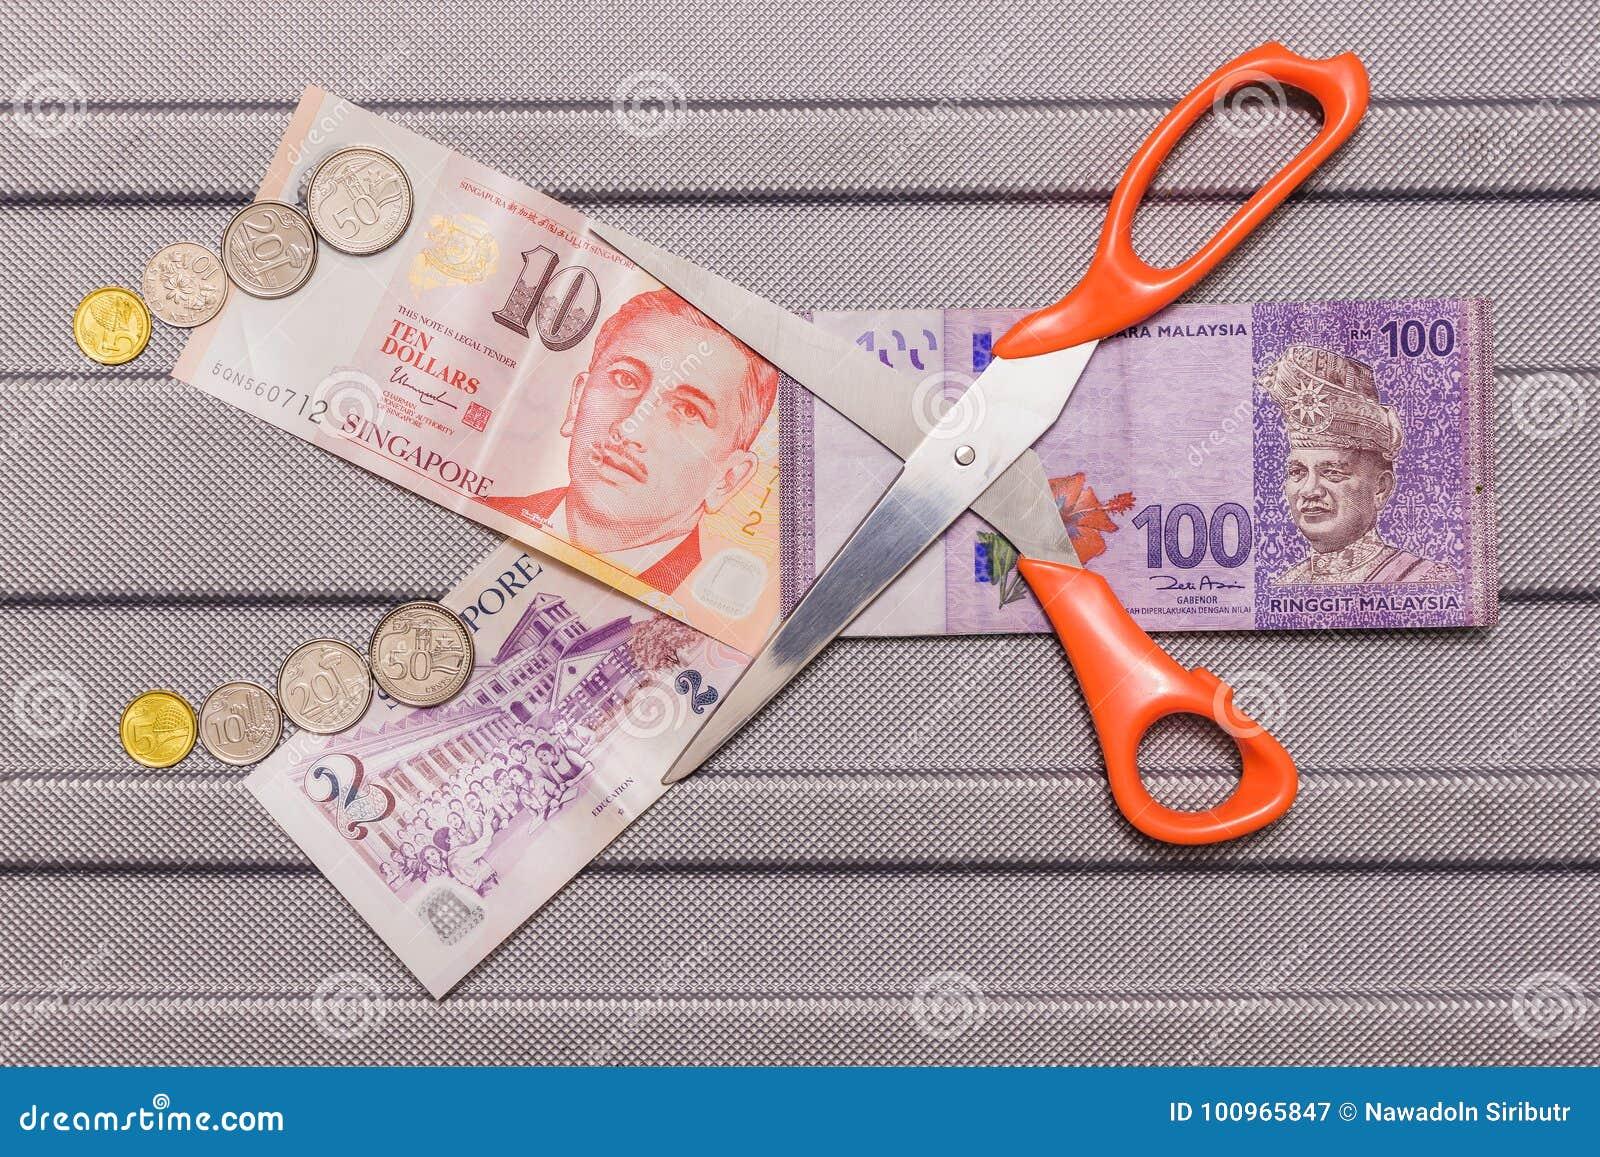 Singapur Dollar Und Münzen Auf Währung Des Malaysischen Ringgit